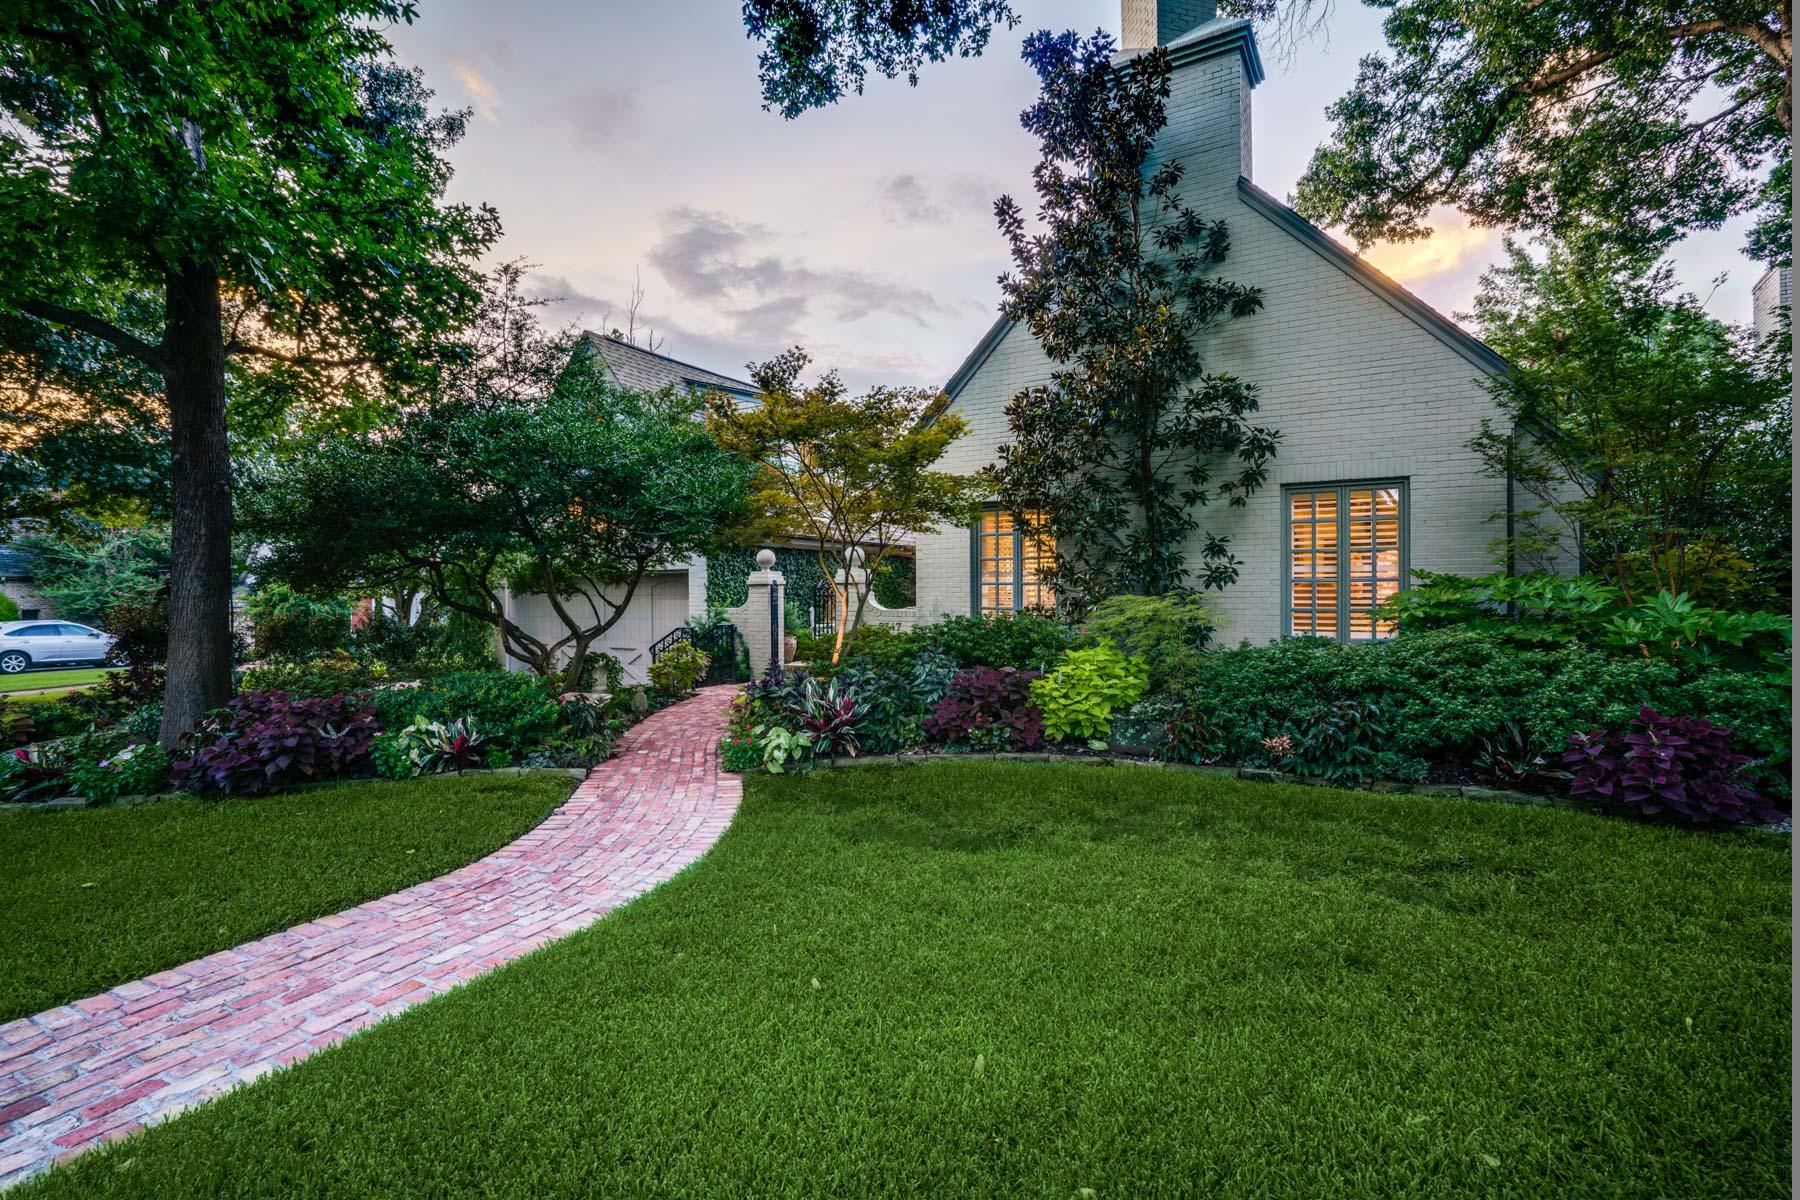 Частный односемейный дом для того Продажа на Romantic Traditional on the Greenbelt 5347 Montrose Dr Dallas, Техас, 75209 Соединенные Штаты